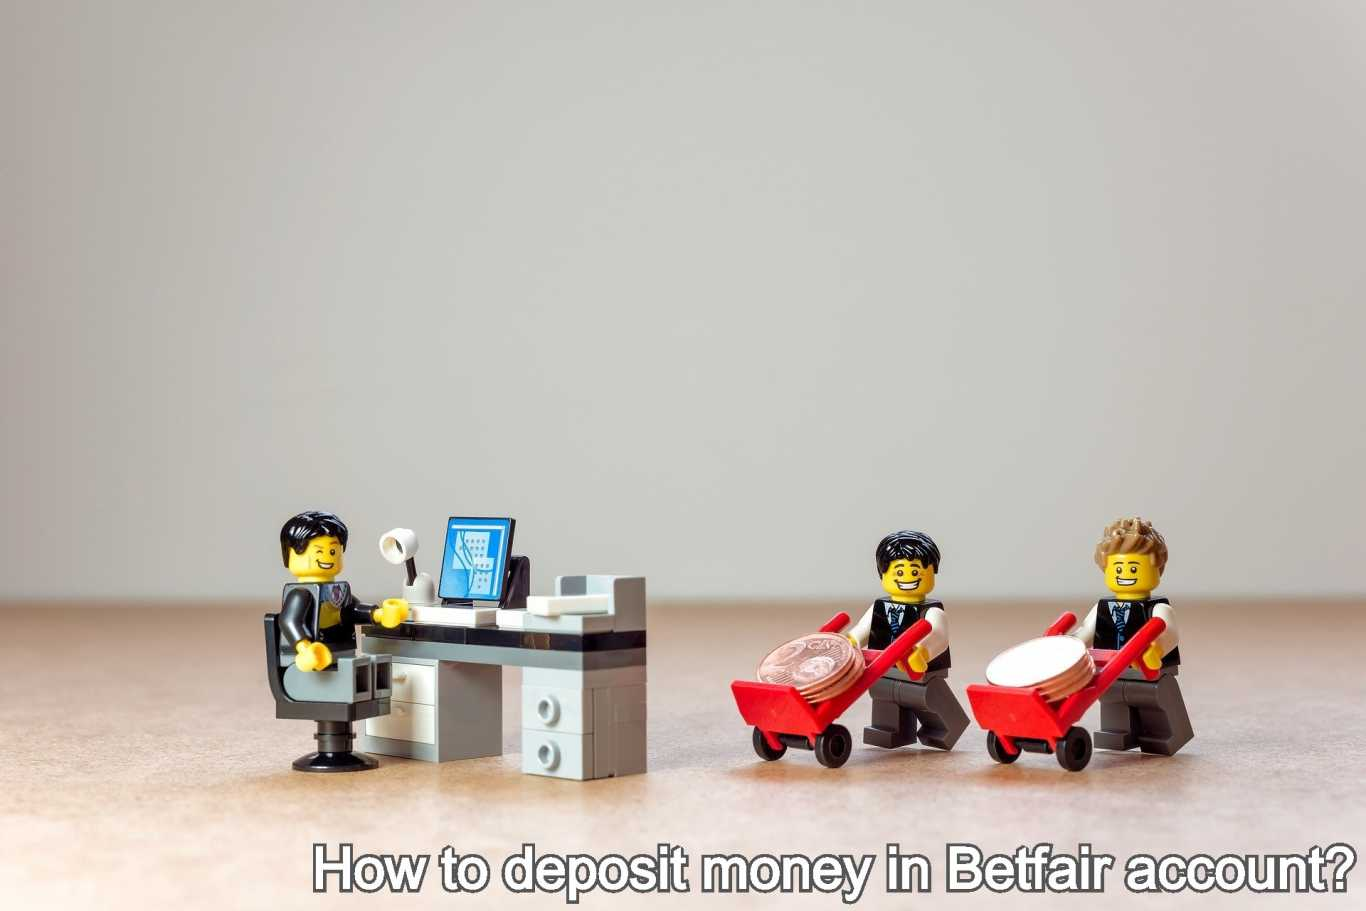 How to deposit money in Betfair account?